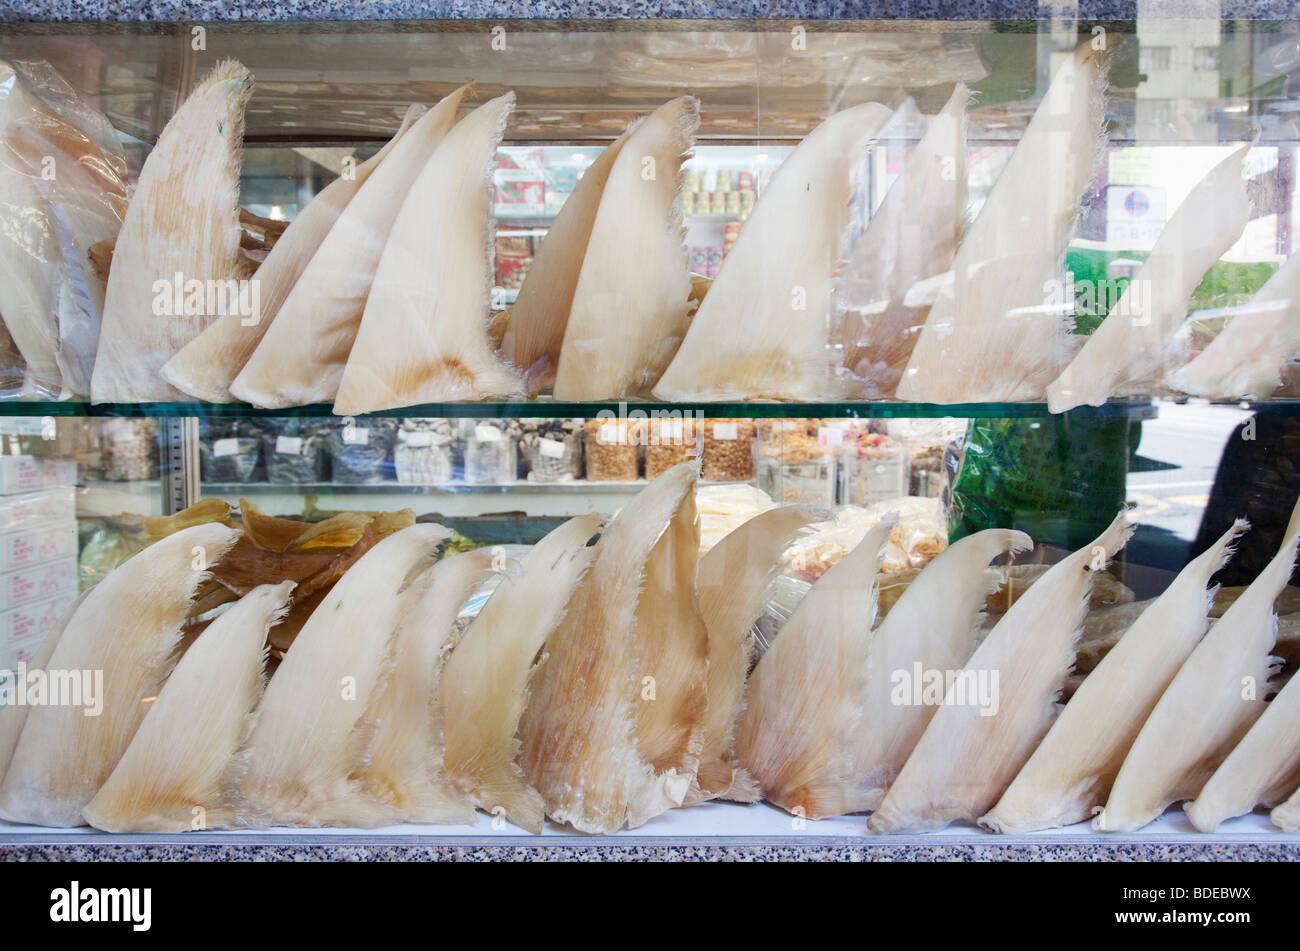 Shark fins on sale medicinal and herb district, Bonham Strand, Sheung Wan, Hong Kong, China. - Stock Image